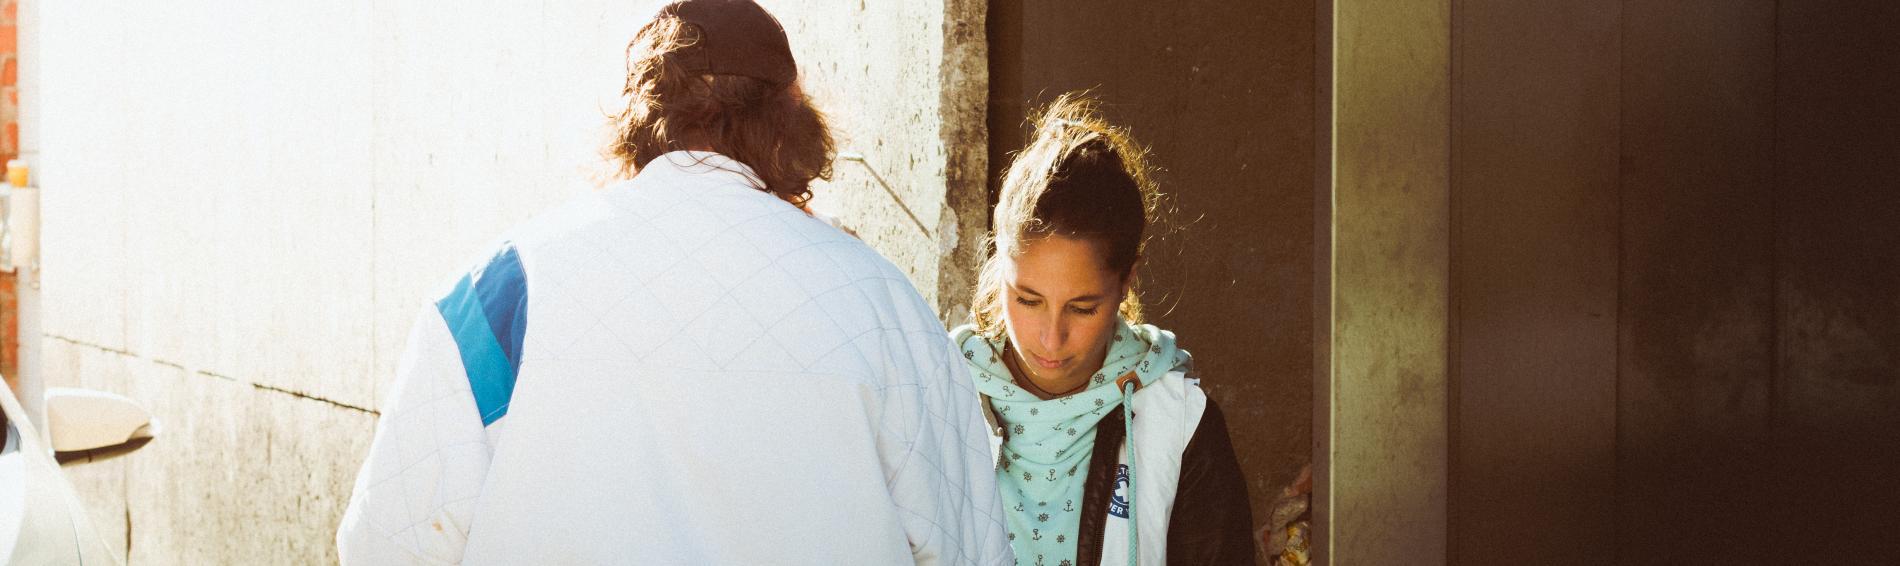 Ärzte der Welt unterstützt Menschen ohne Krankenversicherung bei der Reintegration ins reguläre Gesundheitssystem. Foto: David Gohlke